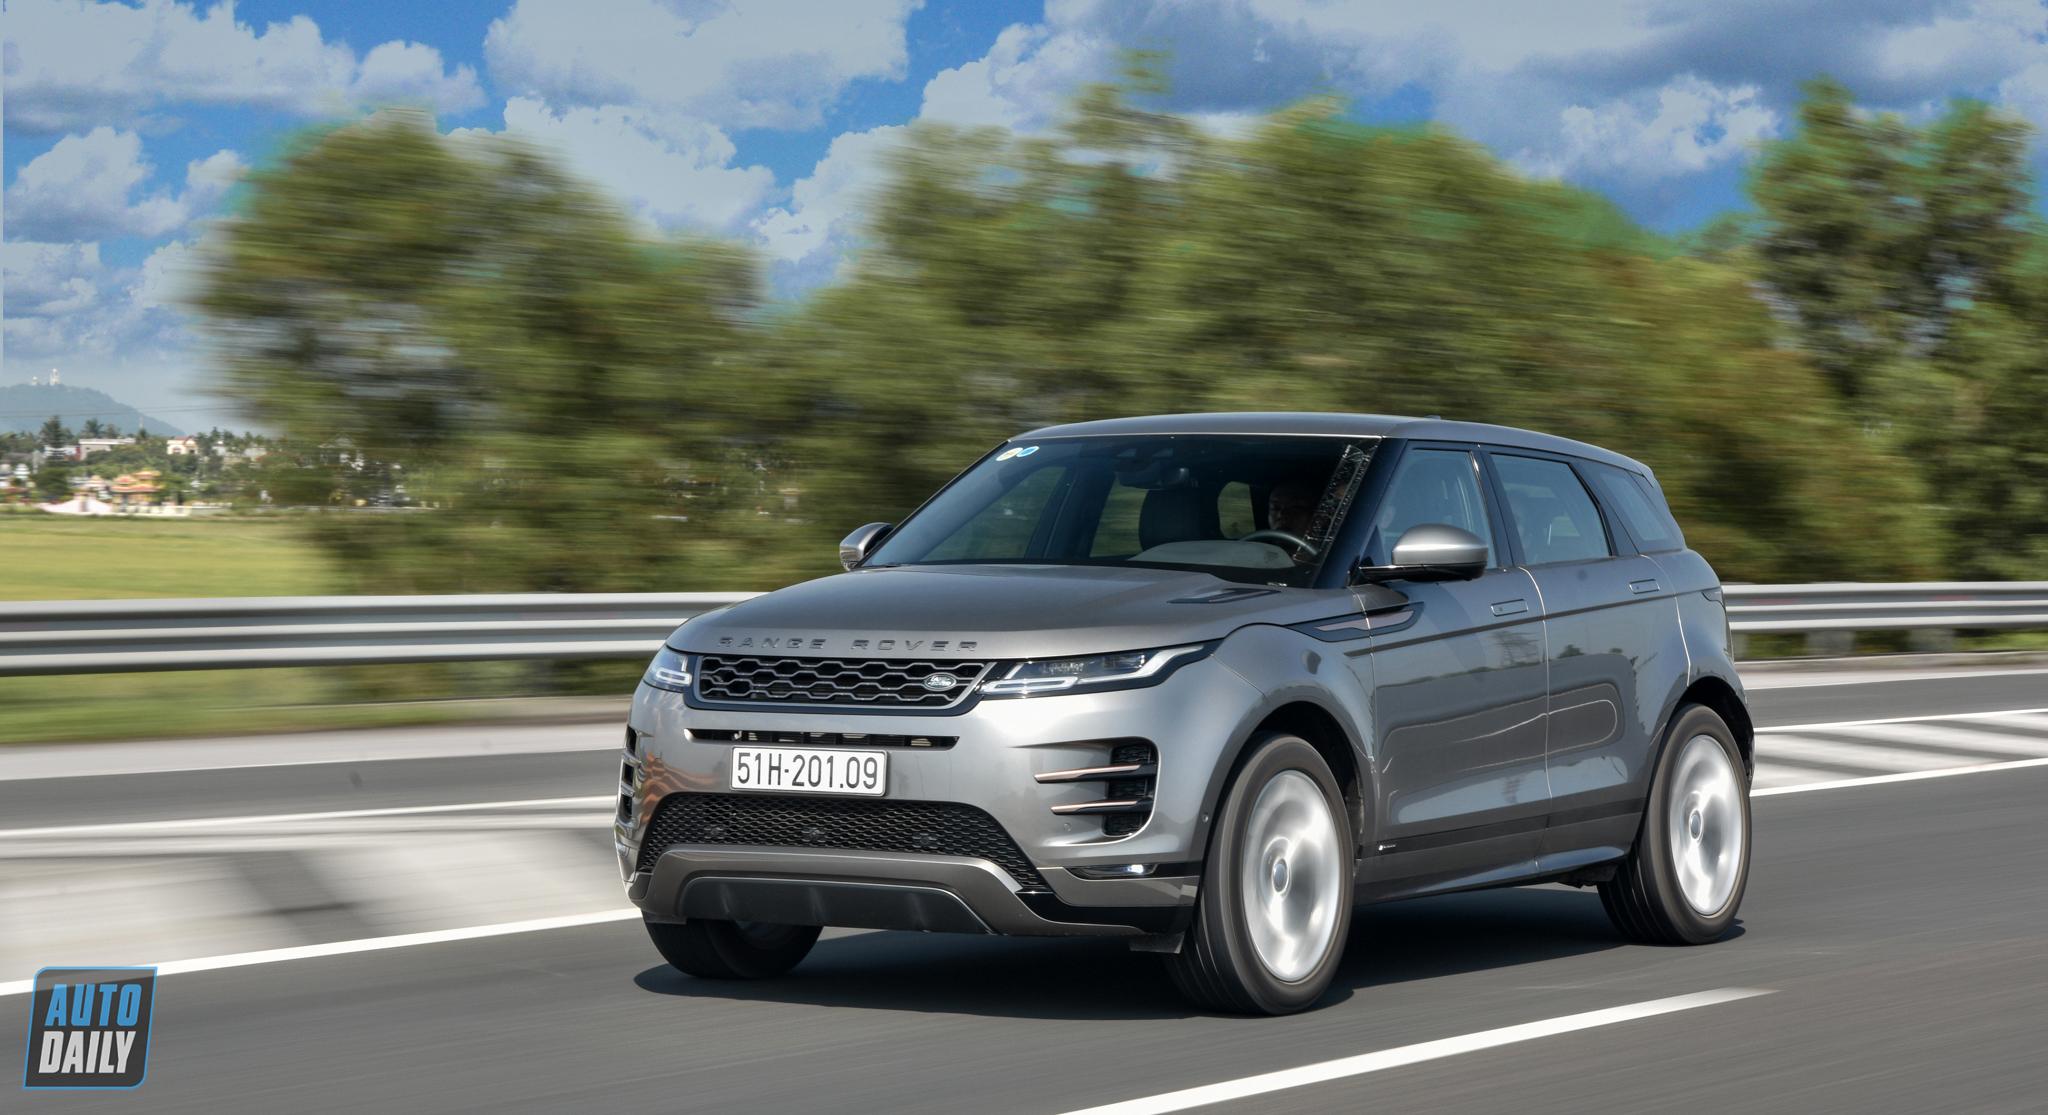 range-rover-evoque-2020-autodaily-34-copy.jpg